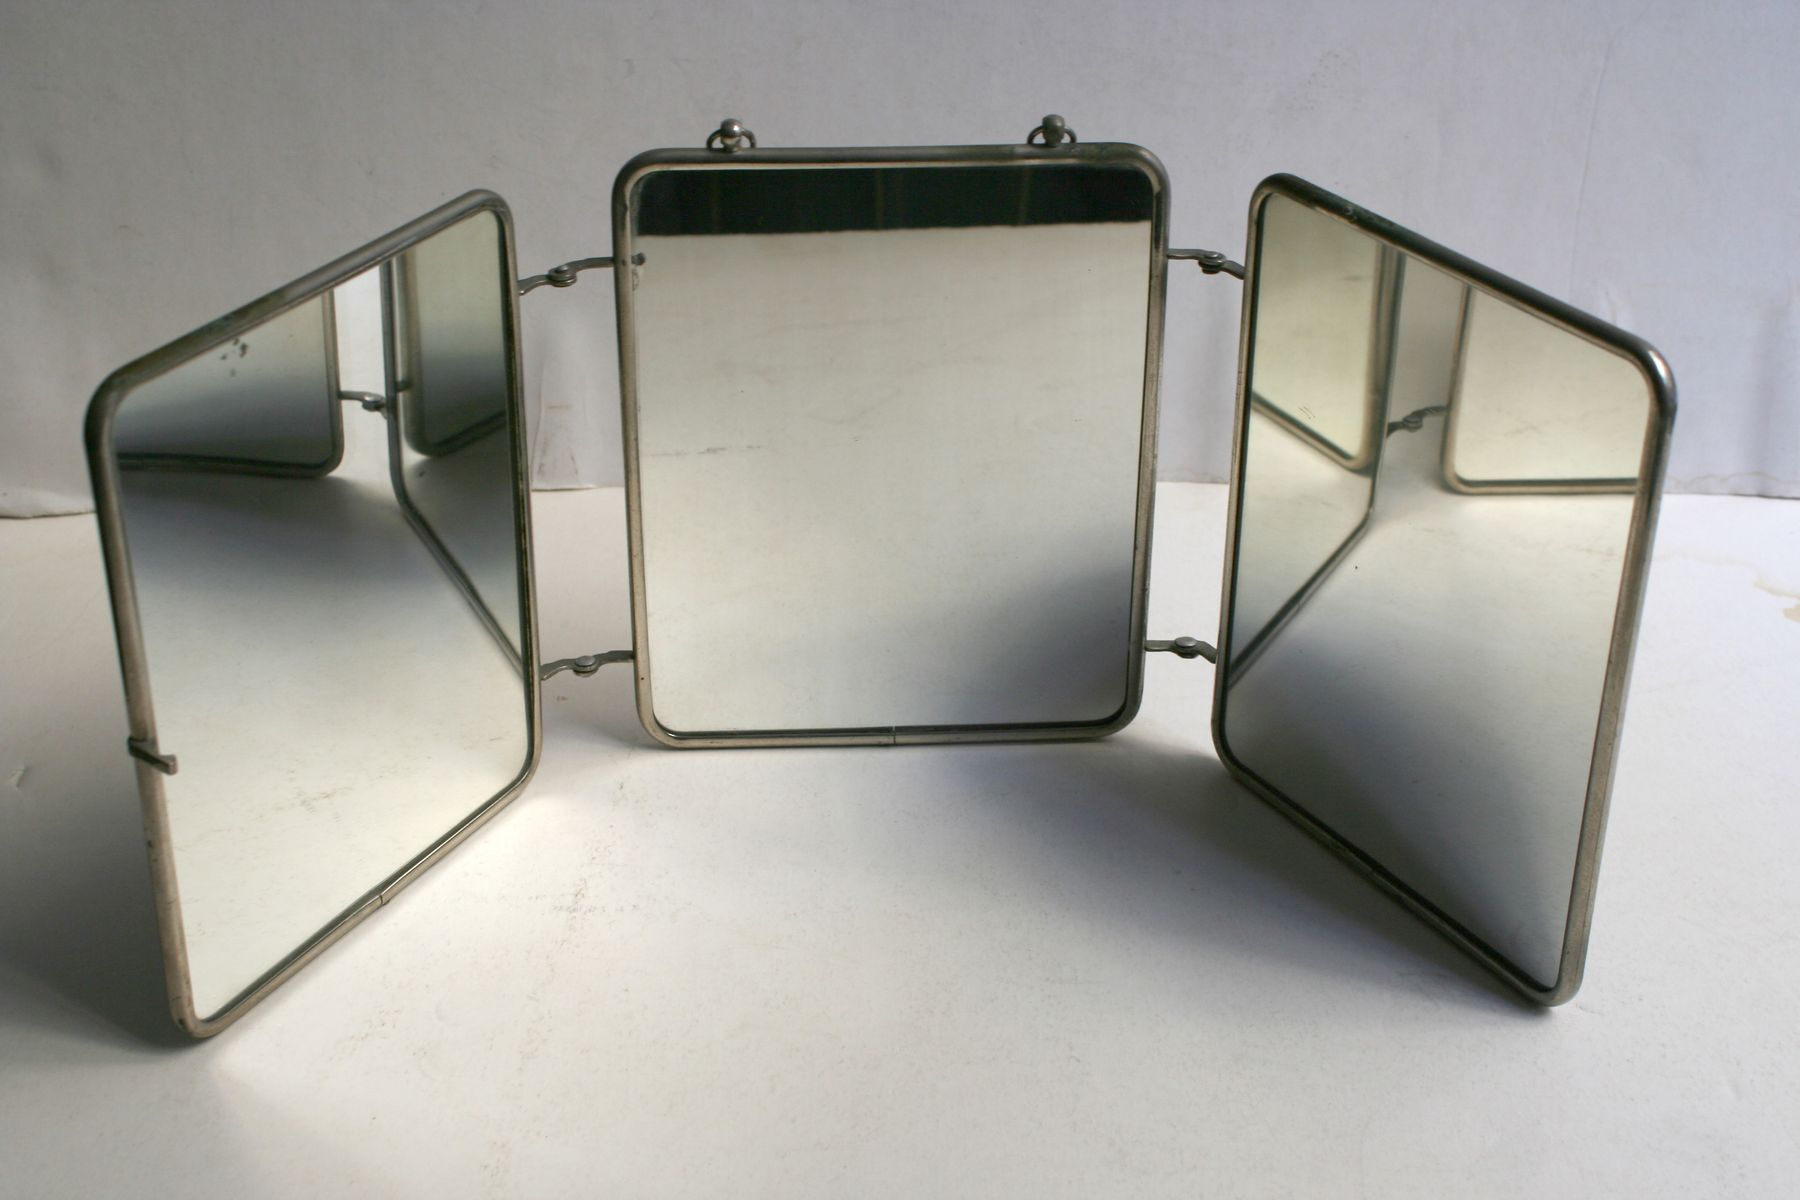 Spanischer vintage spiegel bei pamono kaufen for Der spiegel spanien